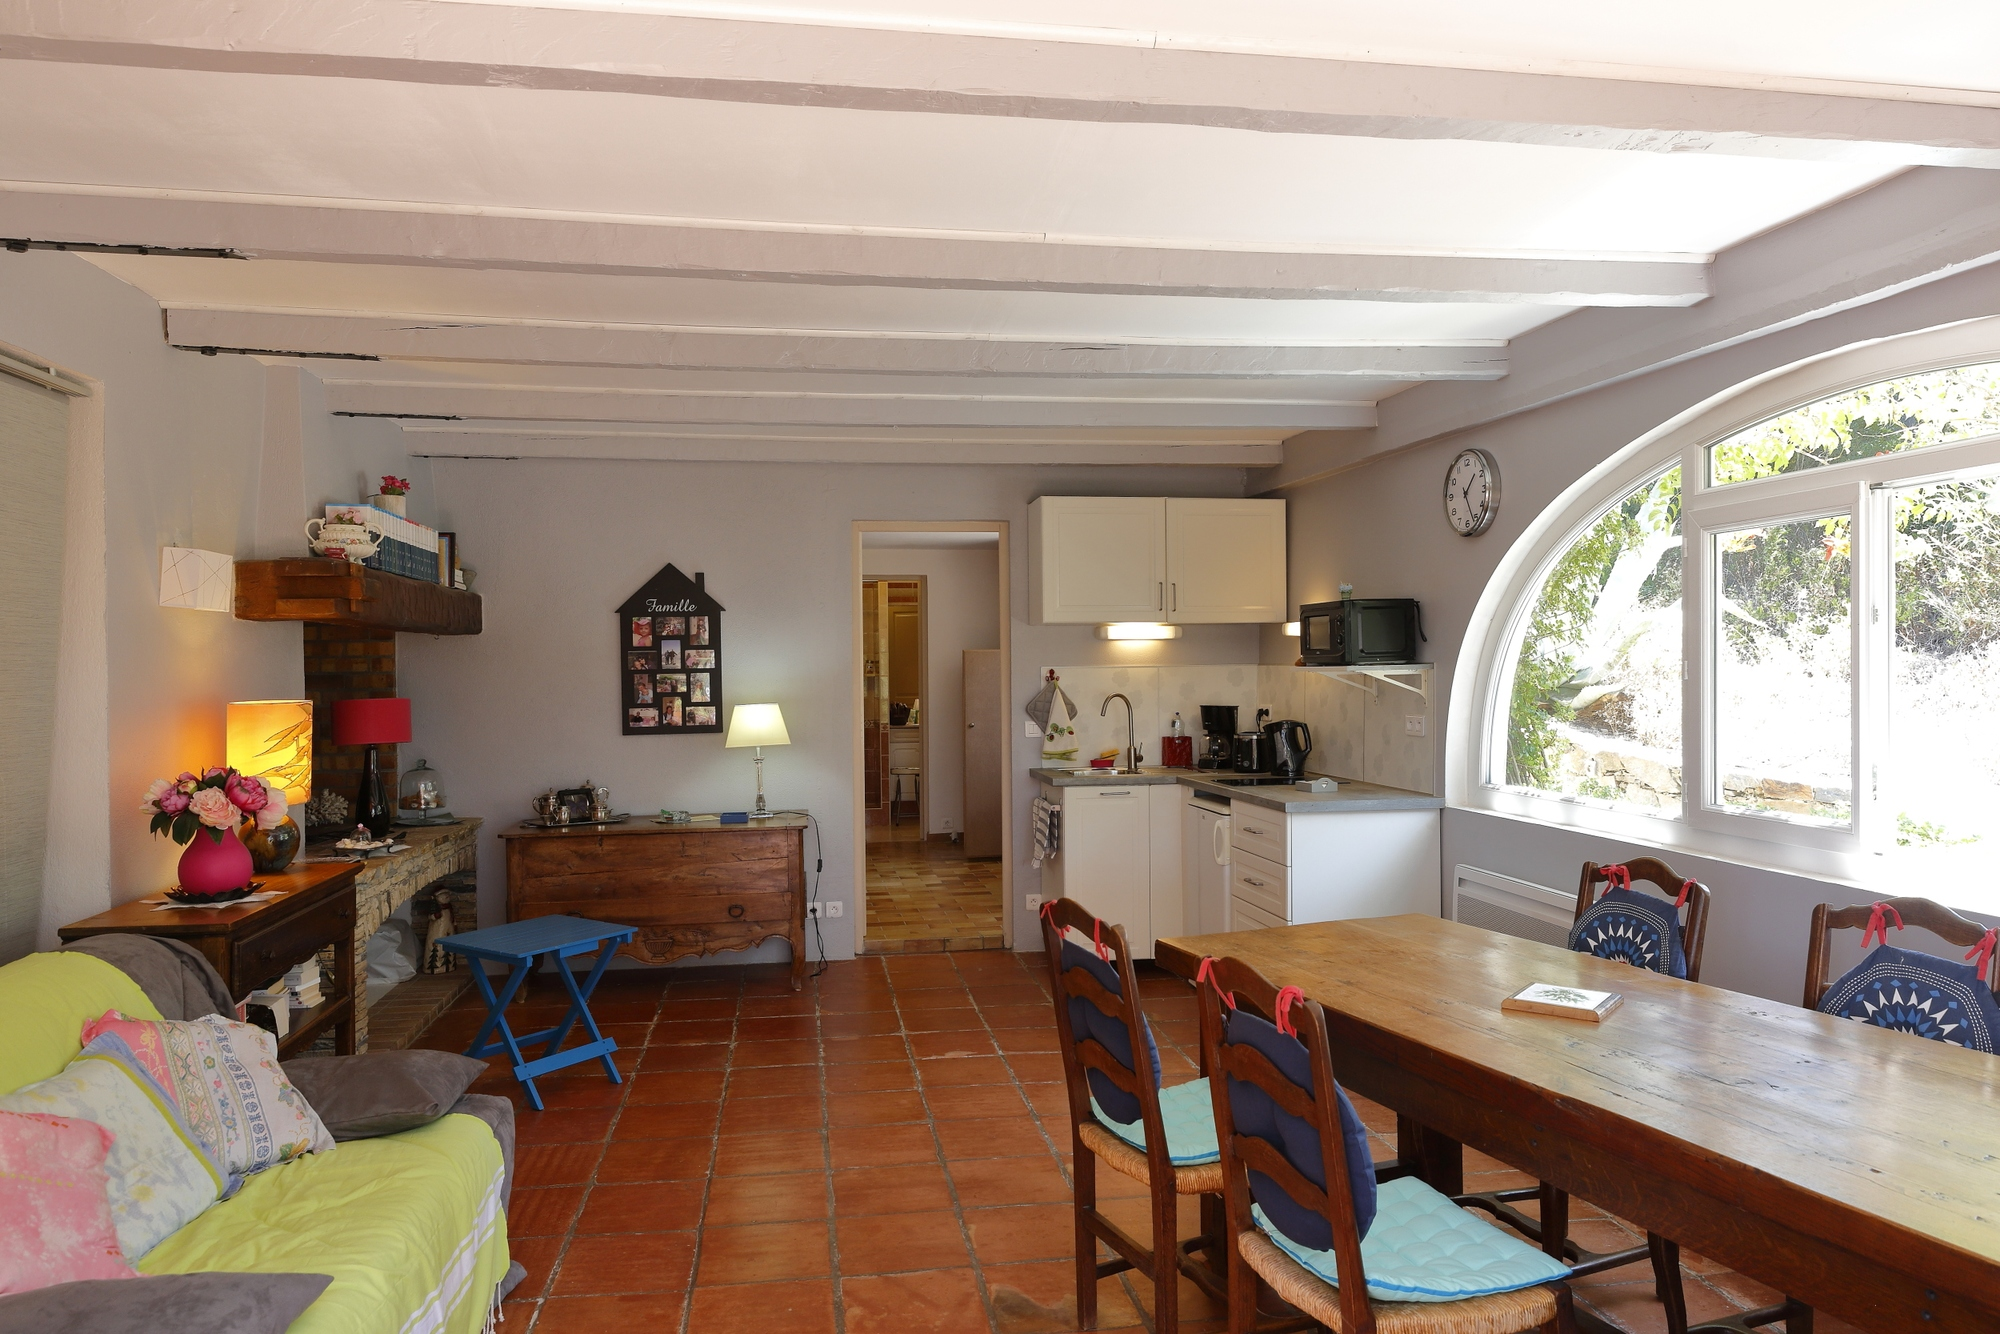 Appartement T2 - L\'Orée du Bois à Hyères - Meublés et Gîtes 2 ...